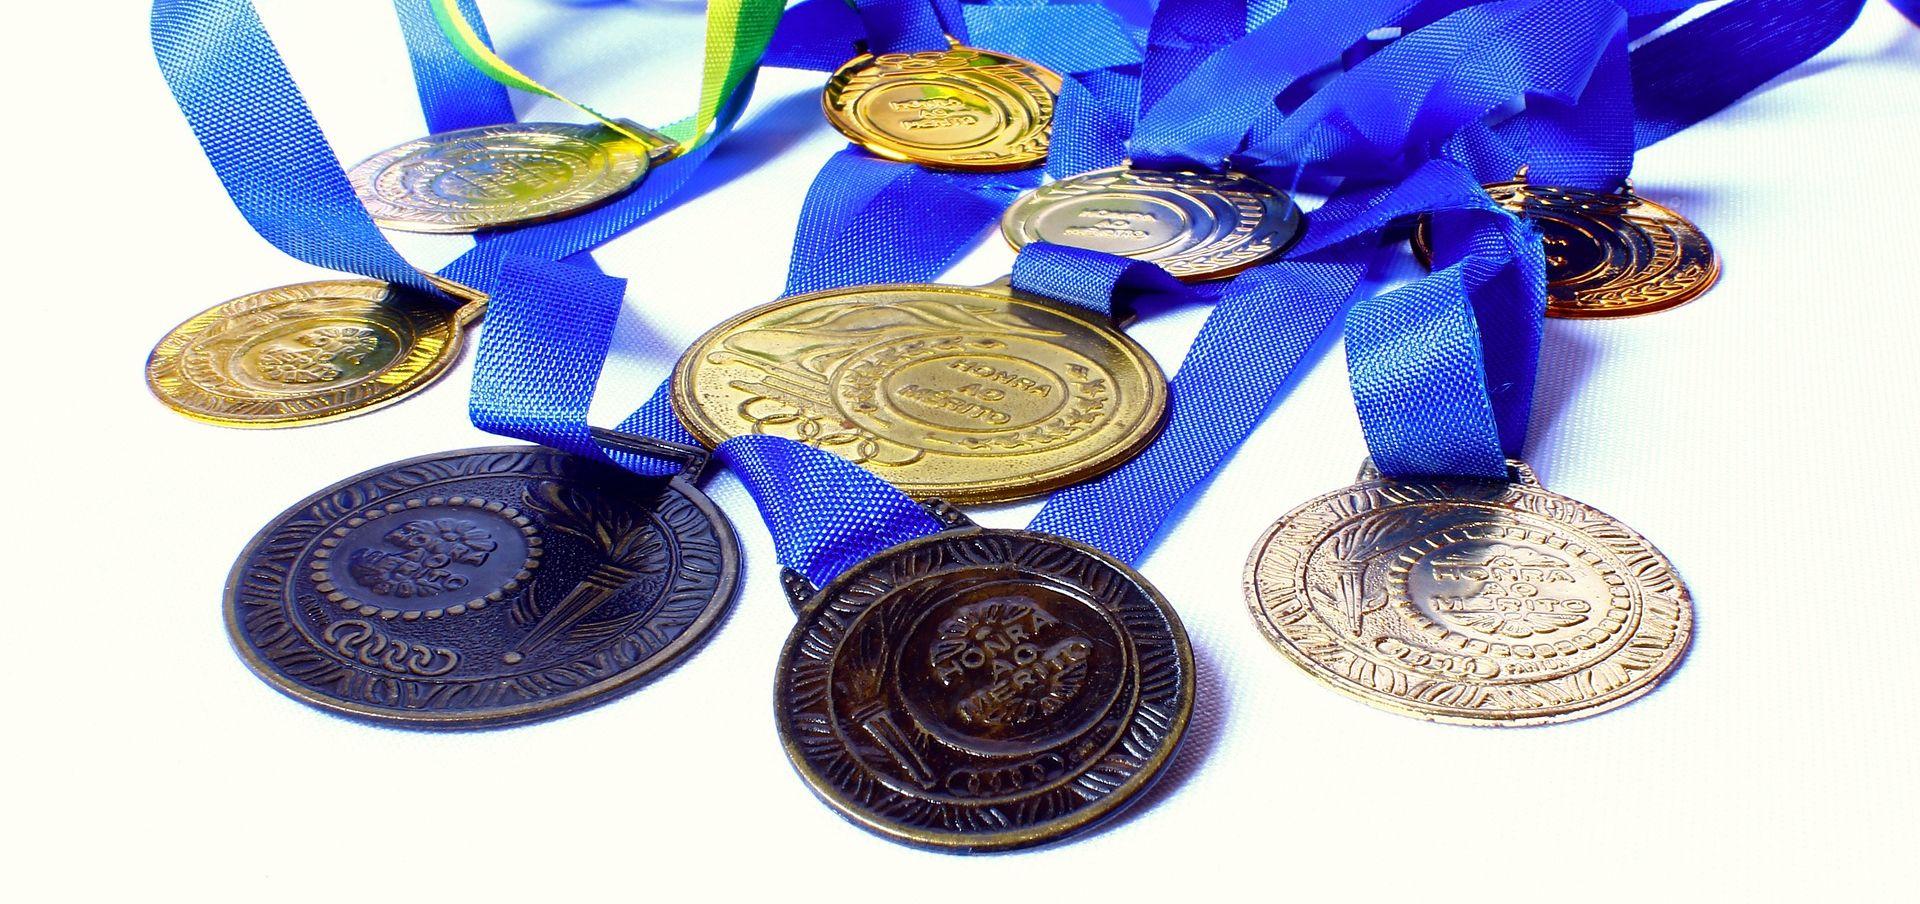 OI GIMNASTIKA Japancima sedmo momčadsko zlato, prvo nakon Atene